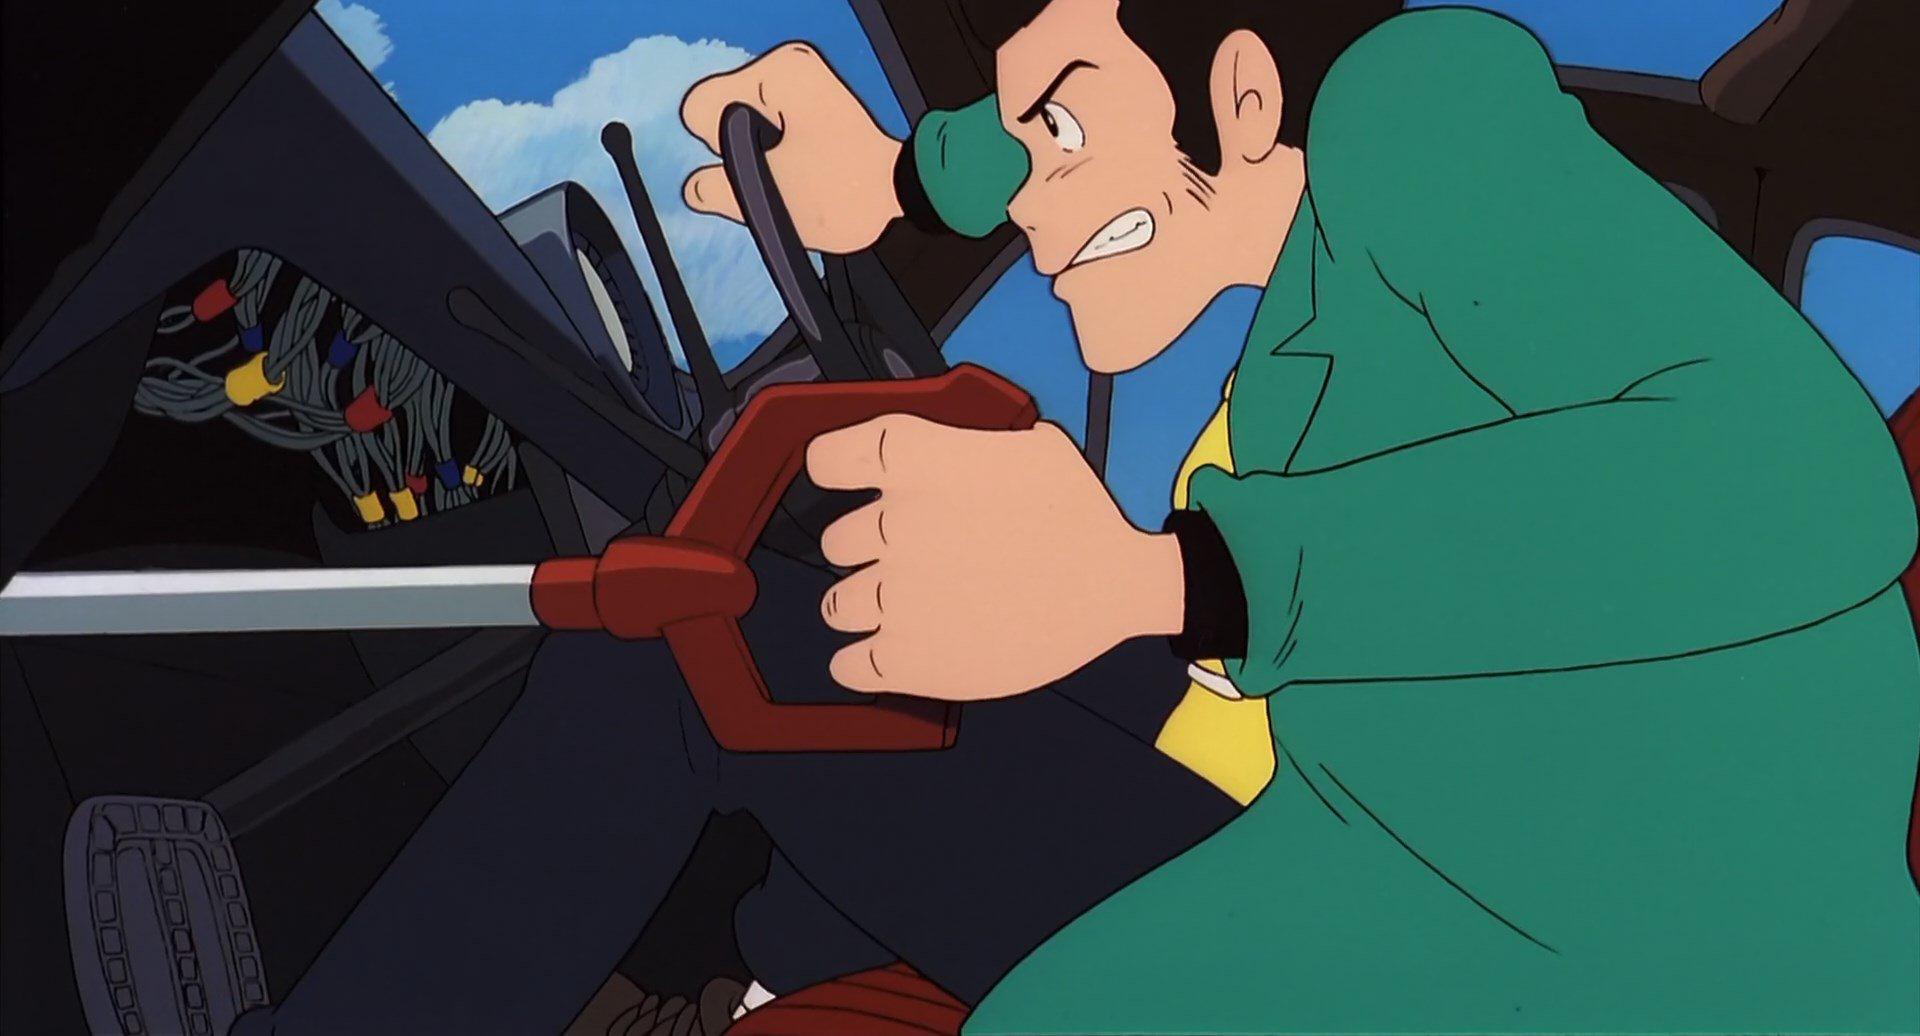 「Lupin III」おしゃれまとめの人気アイデア|Pinterest|Ronaldo Martinez アニメ